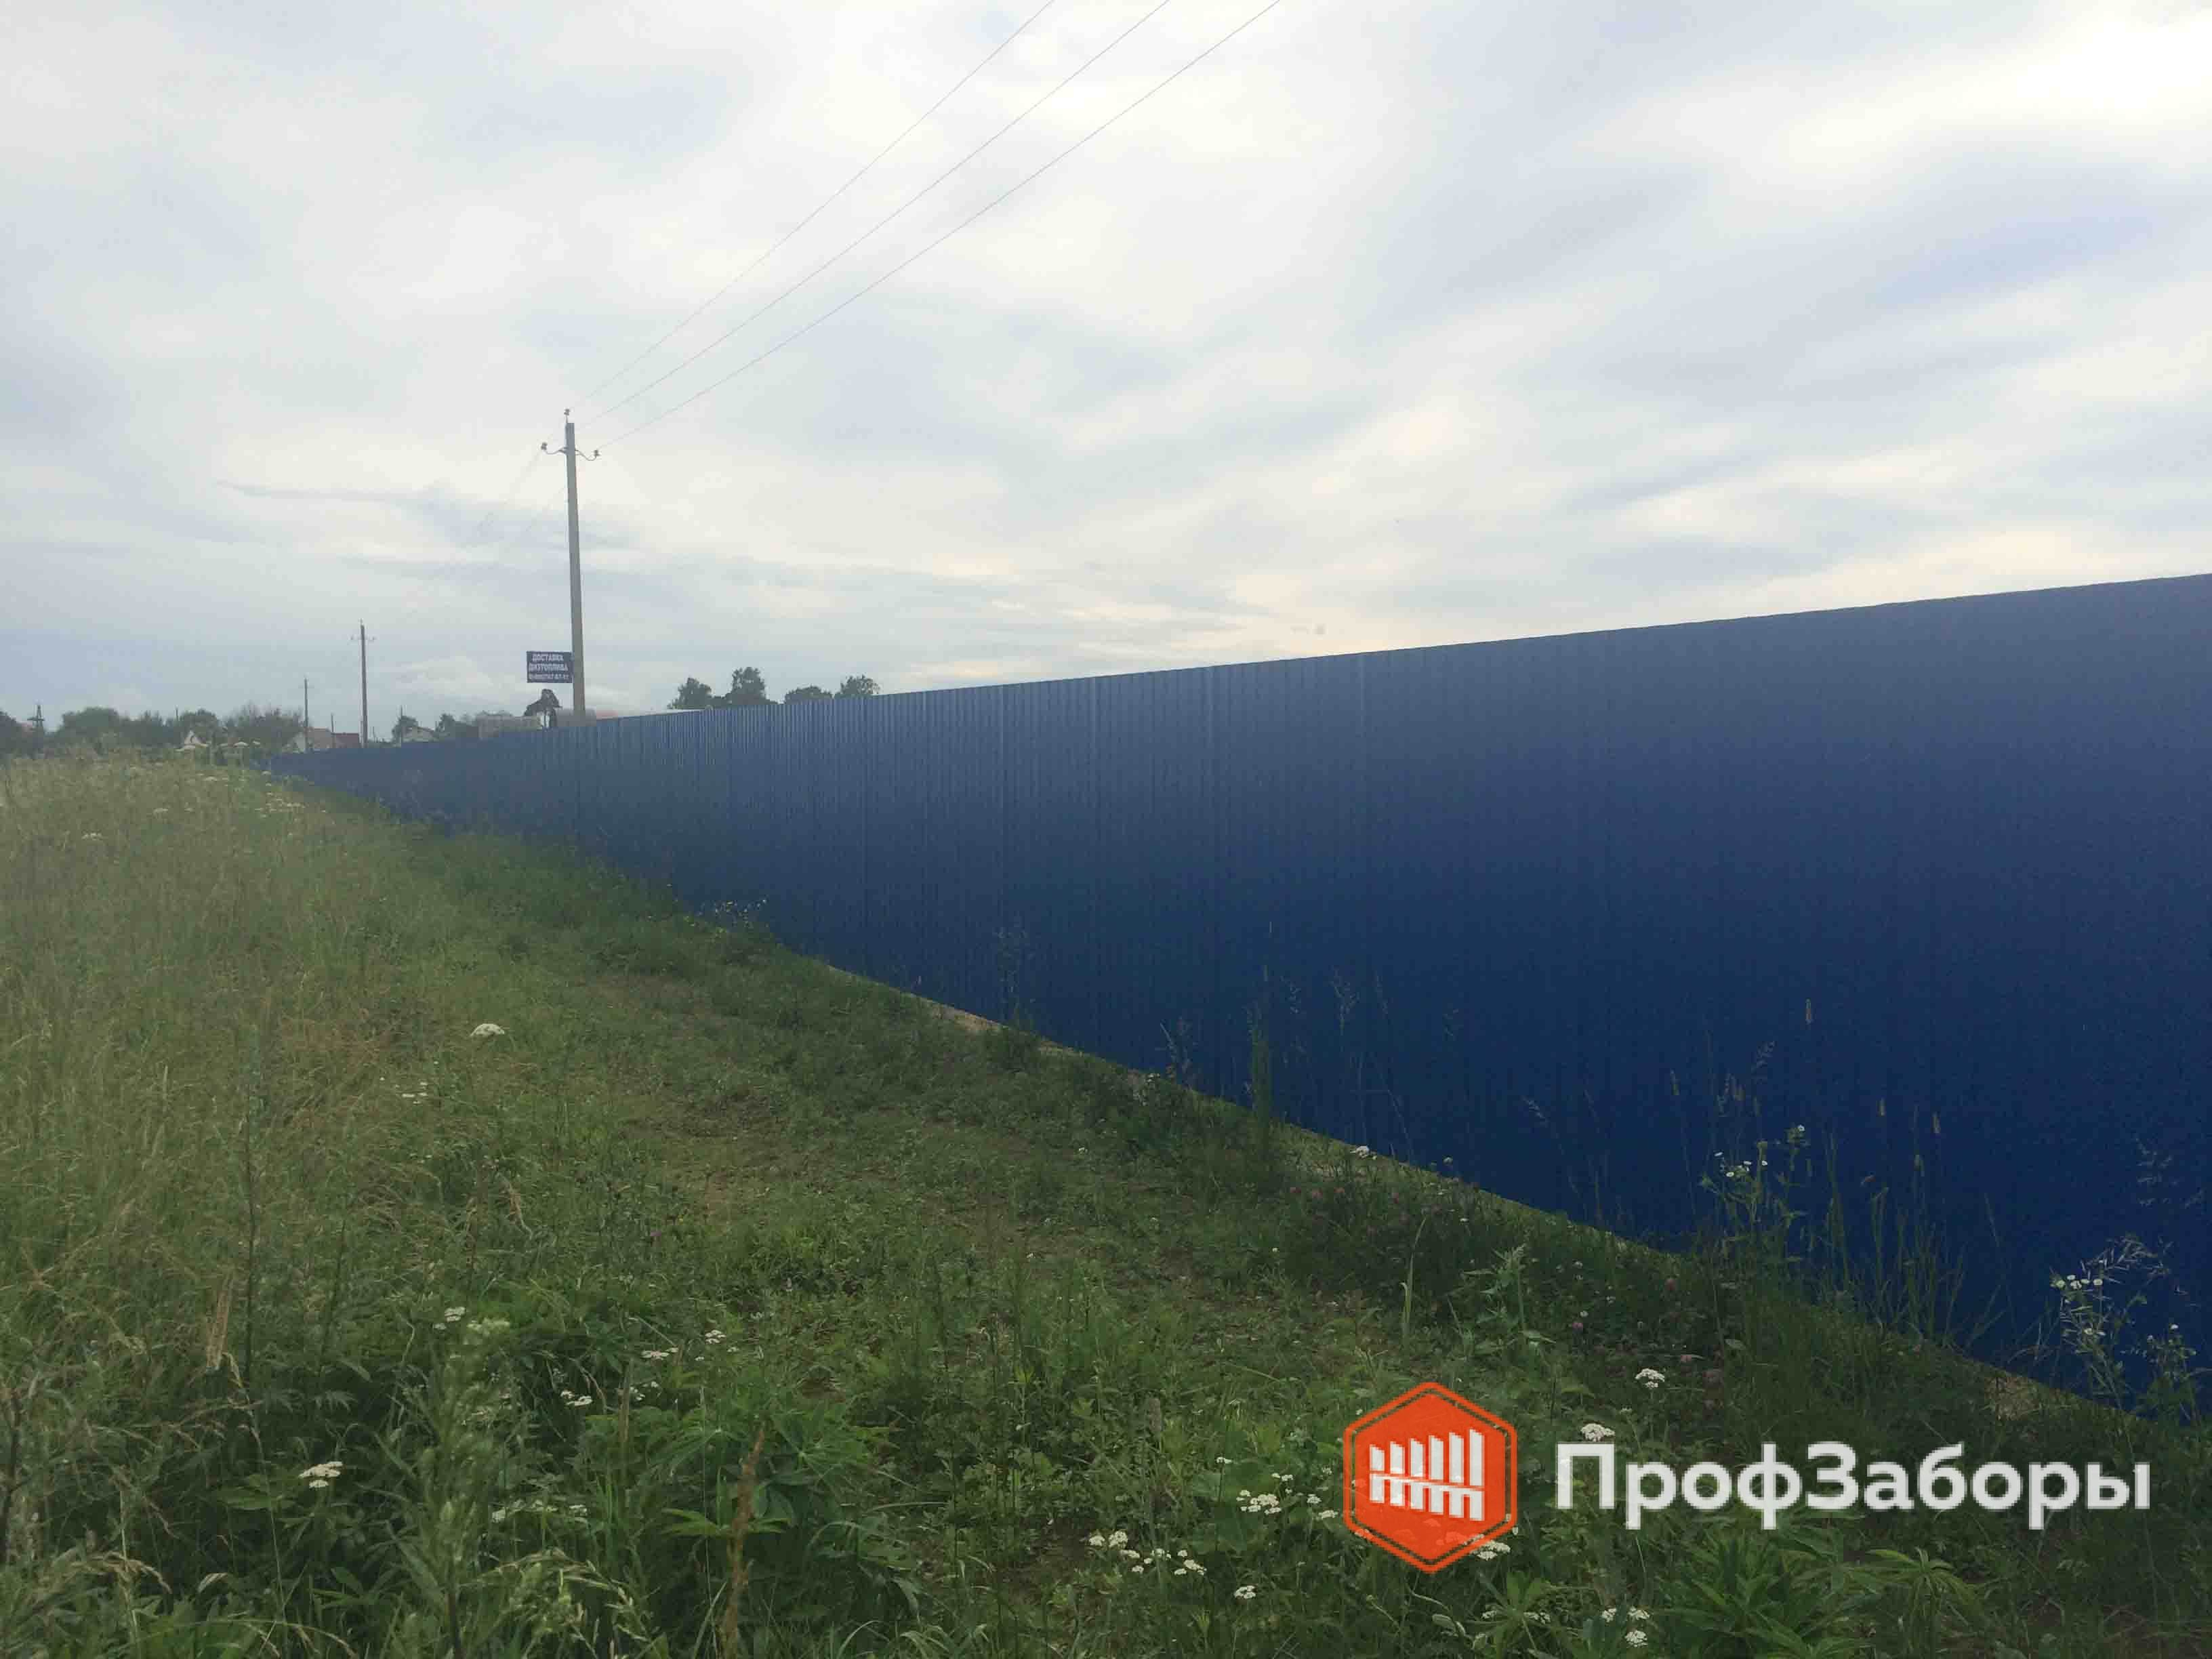 Заборы Из профнастила  - Городской округ Зарайск. Фото 2